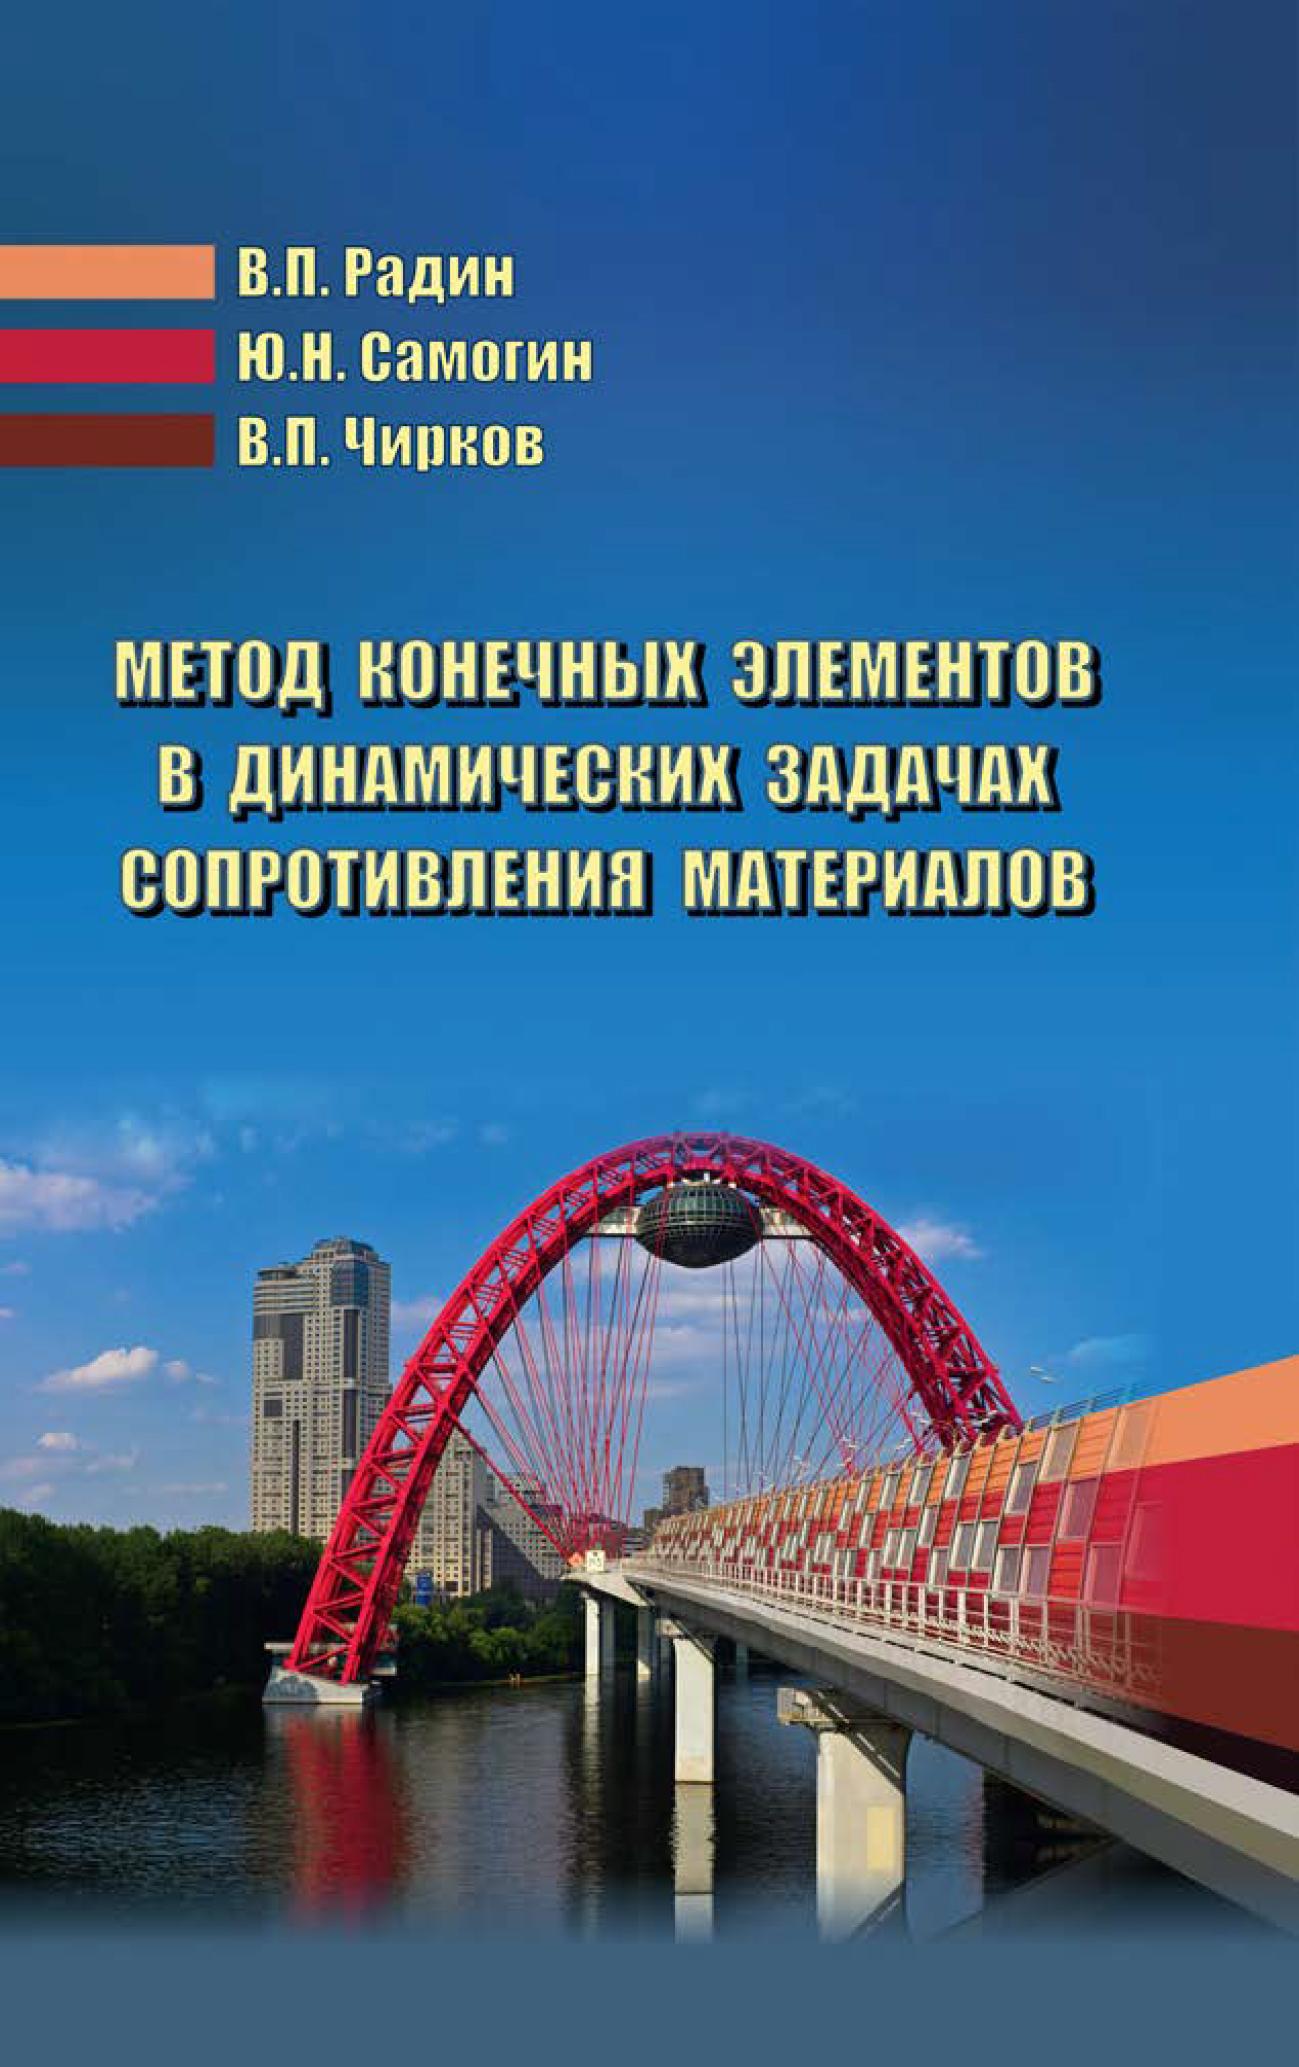 Виктор Чирков Метод конечных элементов в динамических задачах сопротивления материалов в н сидоров дискретно континуальный метод конечных элементов приложения в строительстве